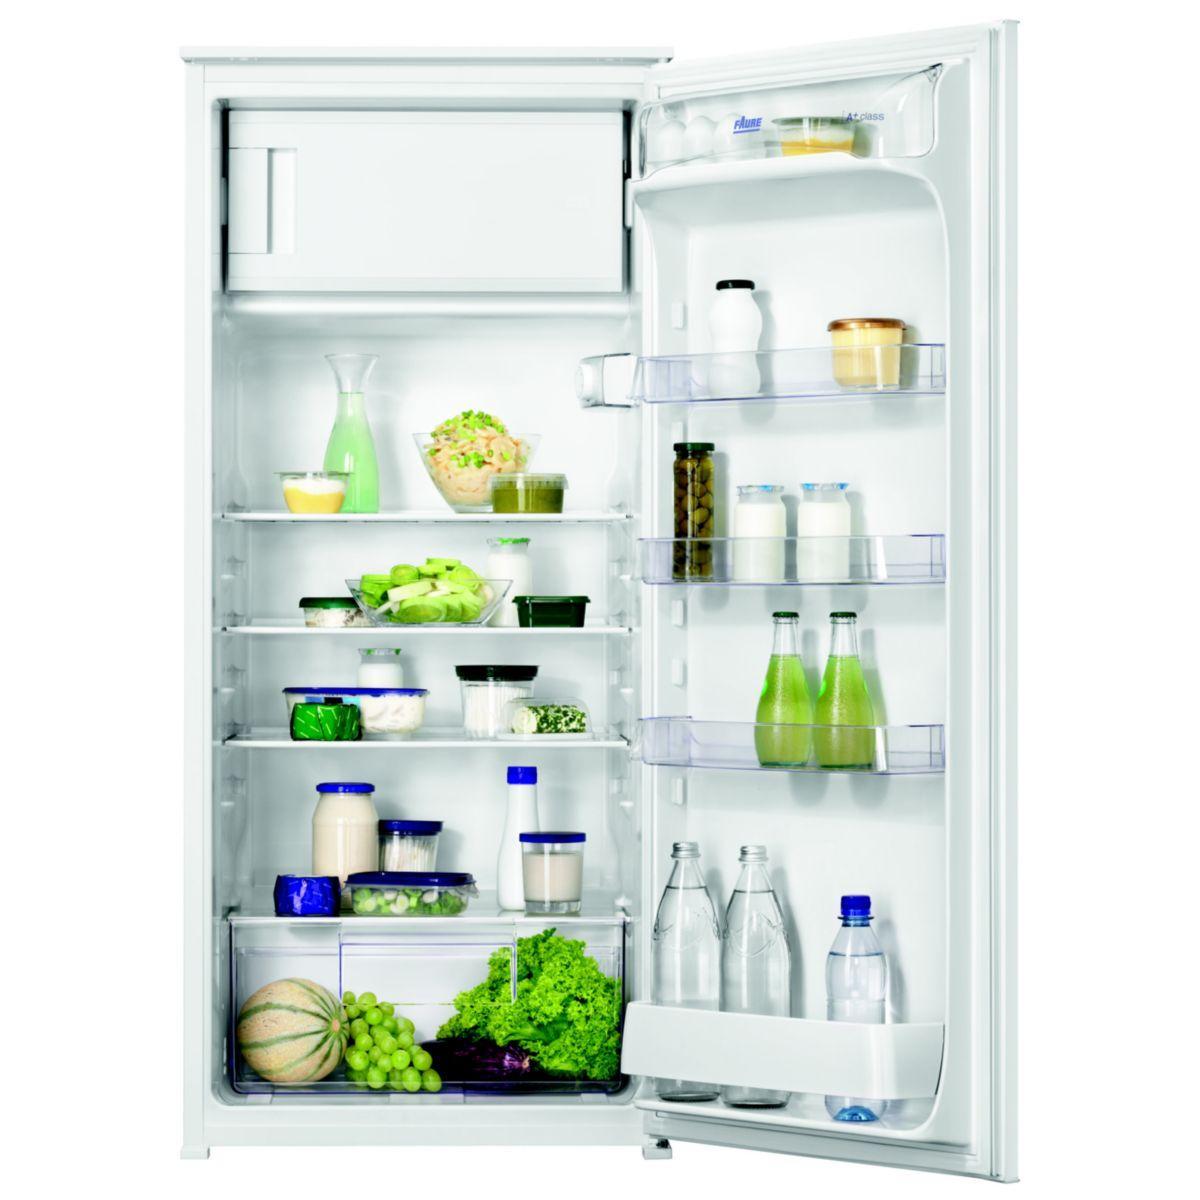 Réfrigérateur 1 porte encastrable FAURE FBA22421SA